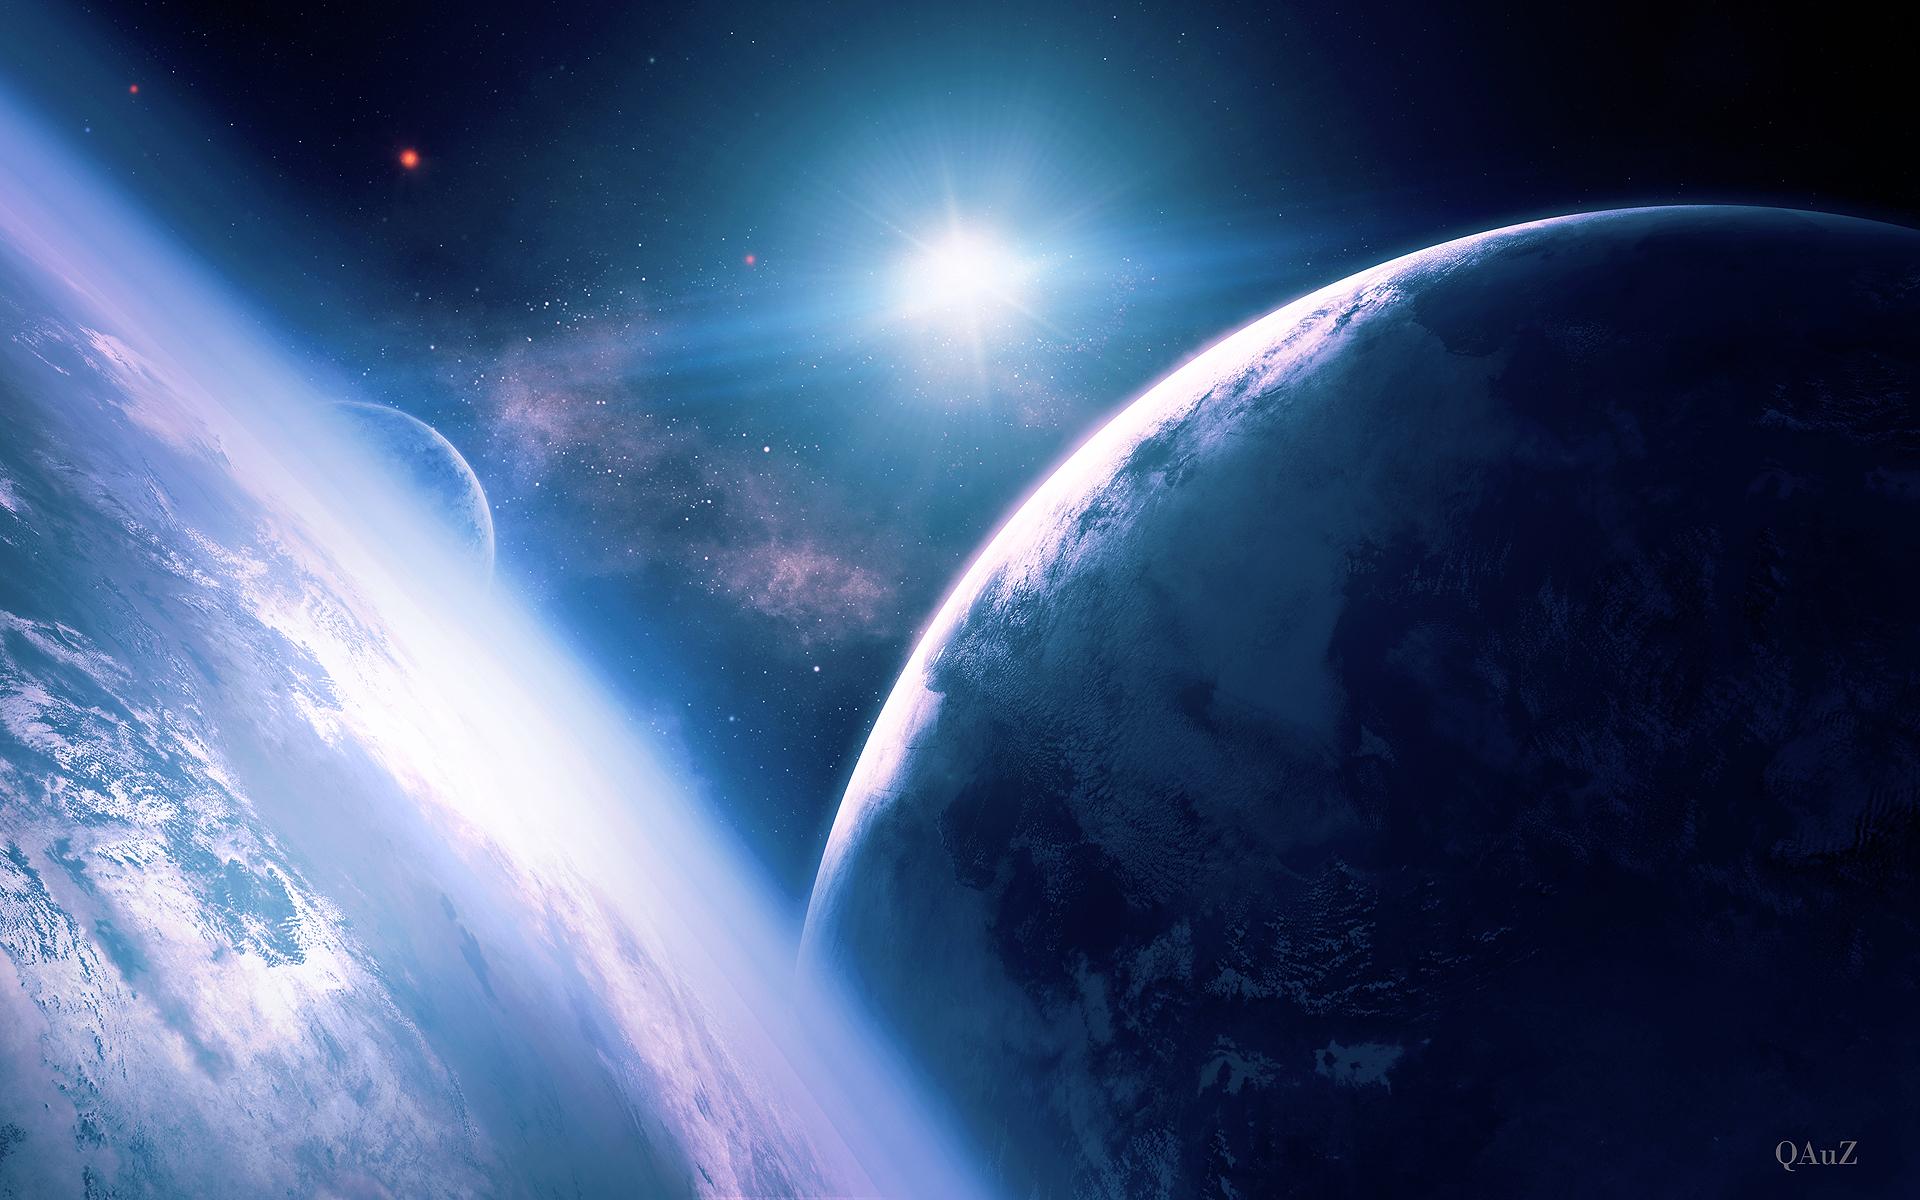 Обои космос земля спутник картинки на рабочий стол на тему Космос - скачать  № 1758093 загрузить